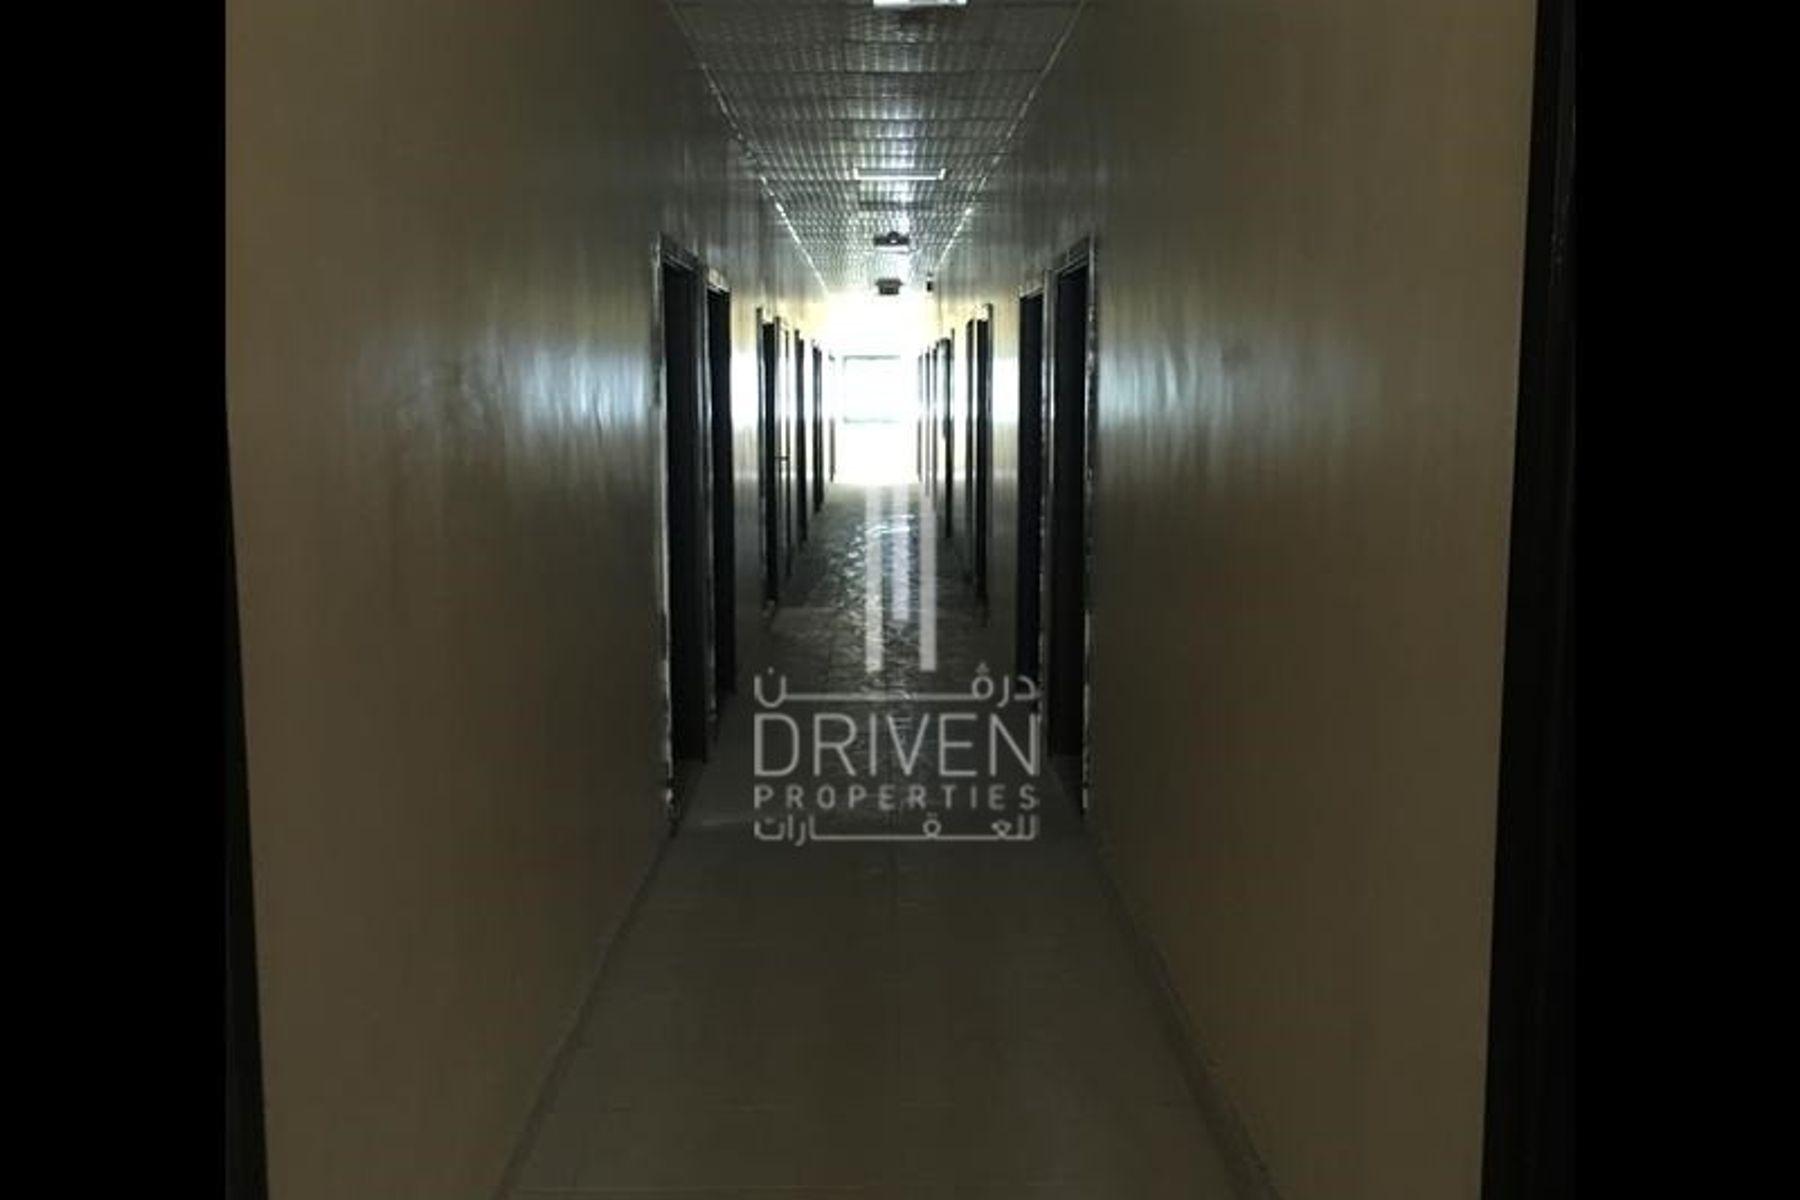 للبيع - مخيم عمال - المرحلة 1 - مجمع دبي للإستثمار